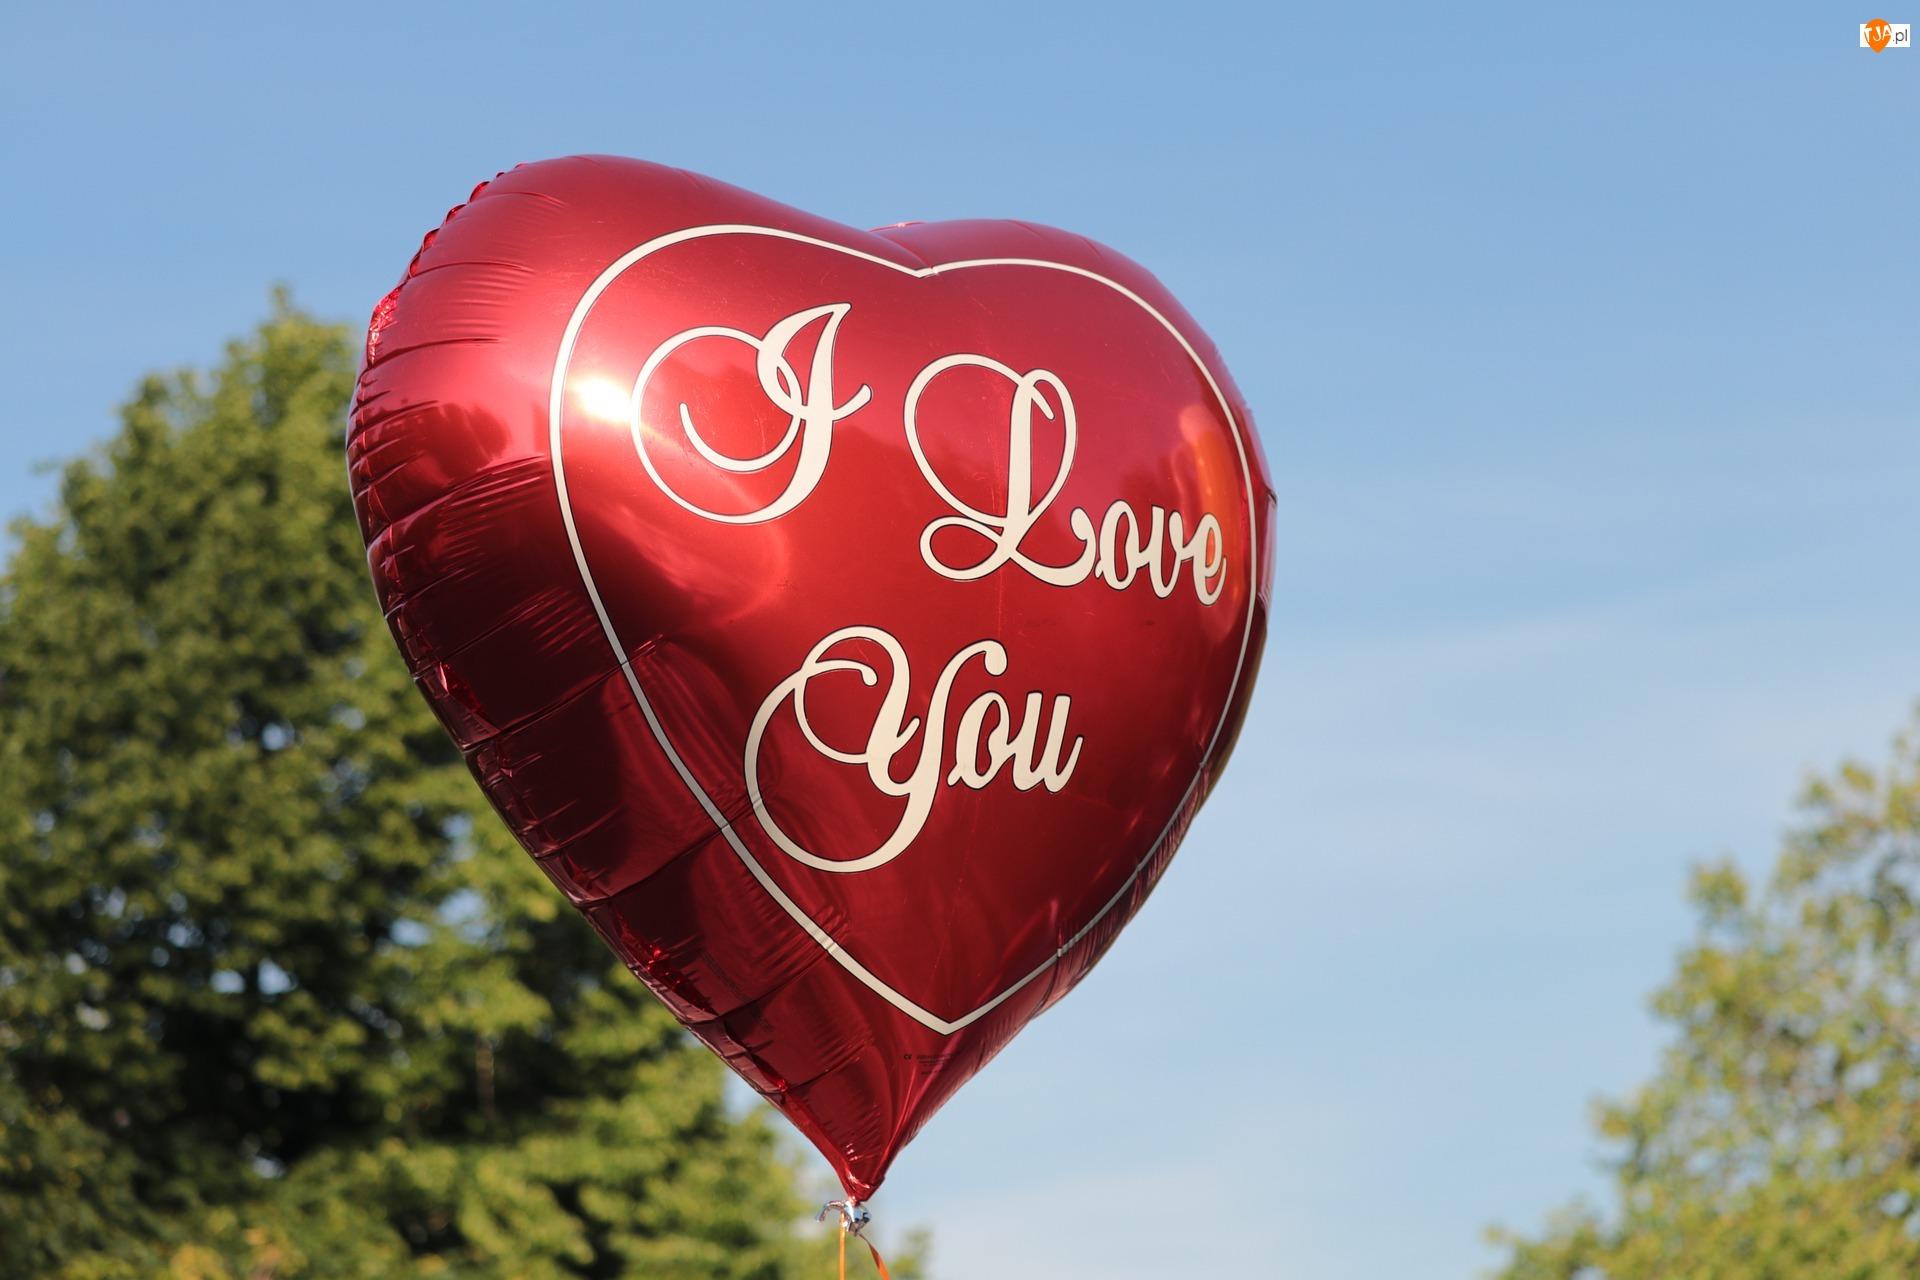 Kocham Cię, Balon, Napis, Miłość, Czerwony